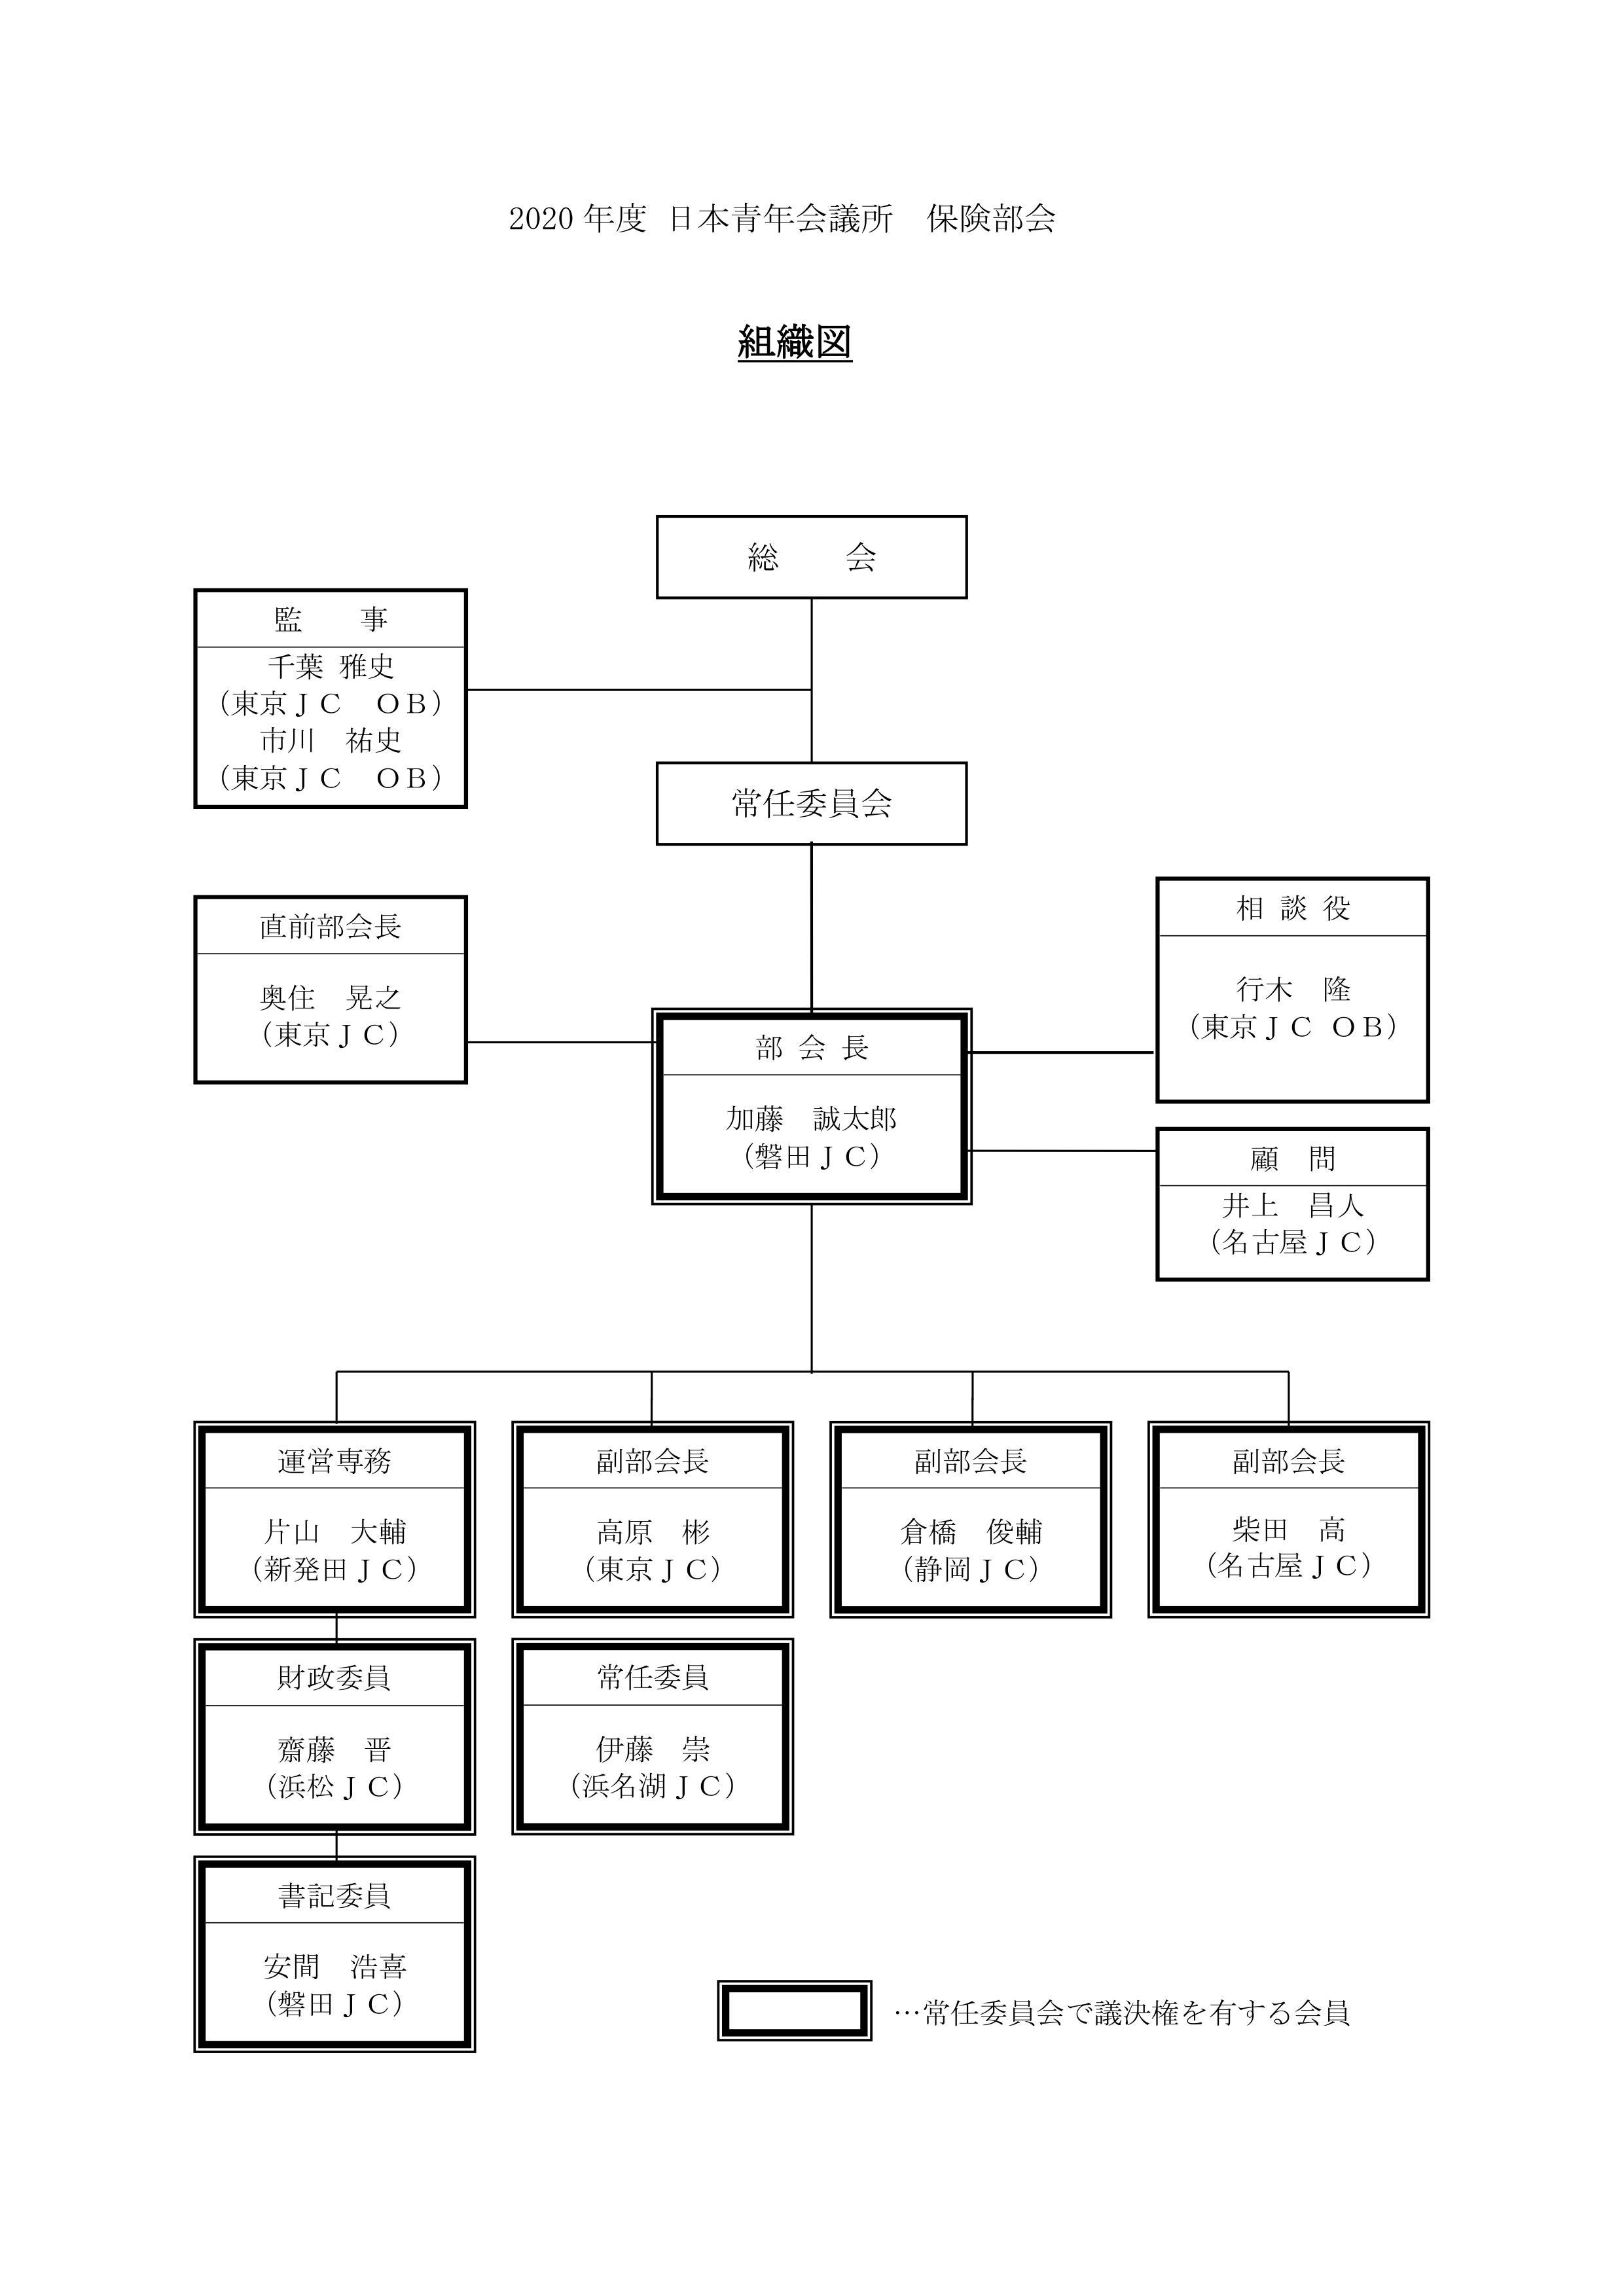 組織図2020